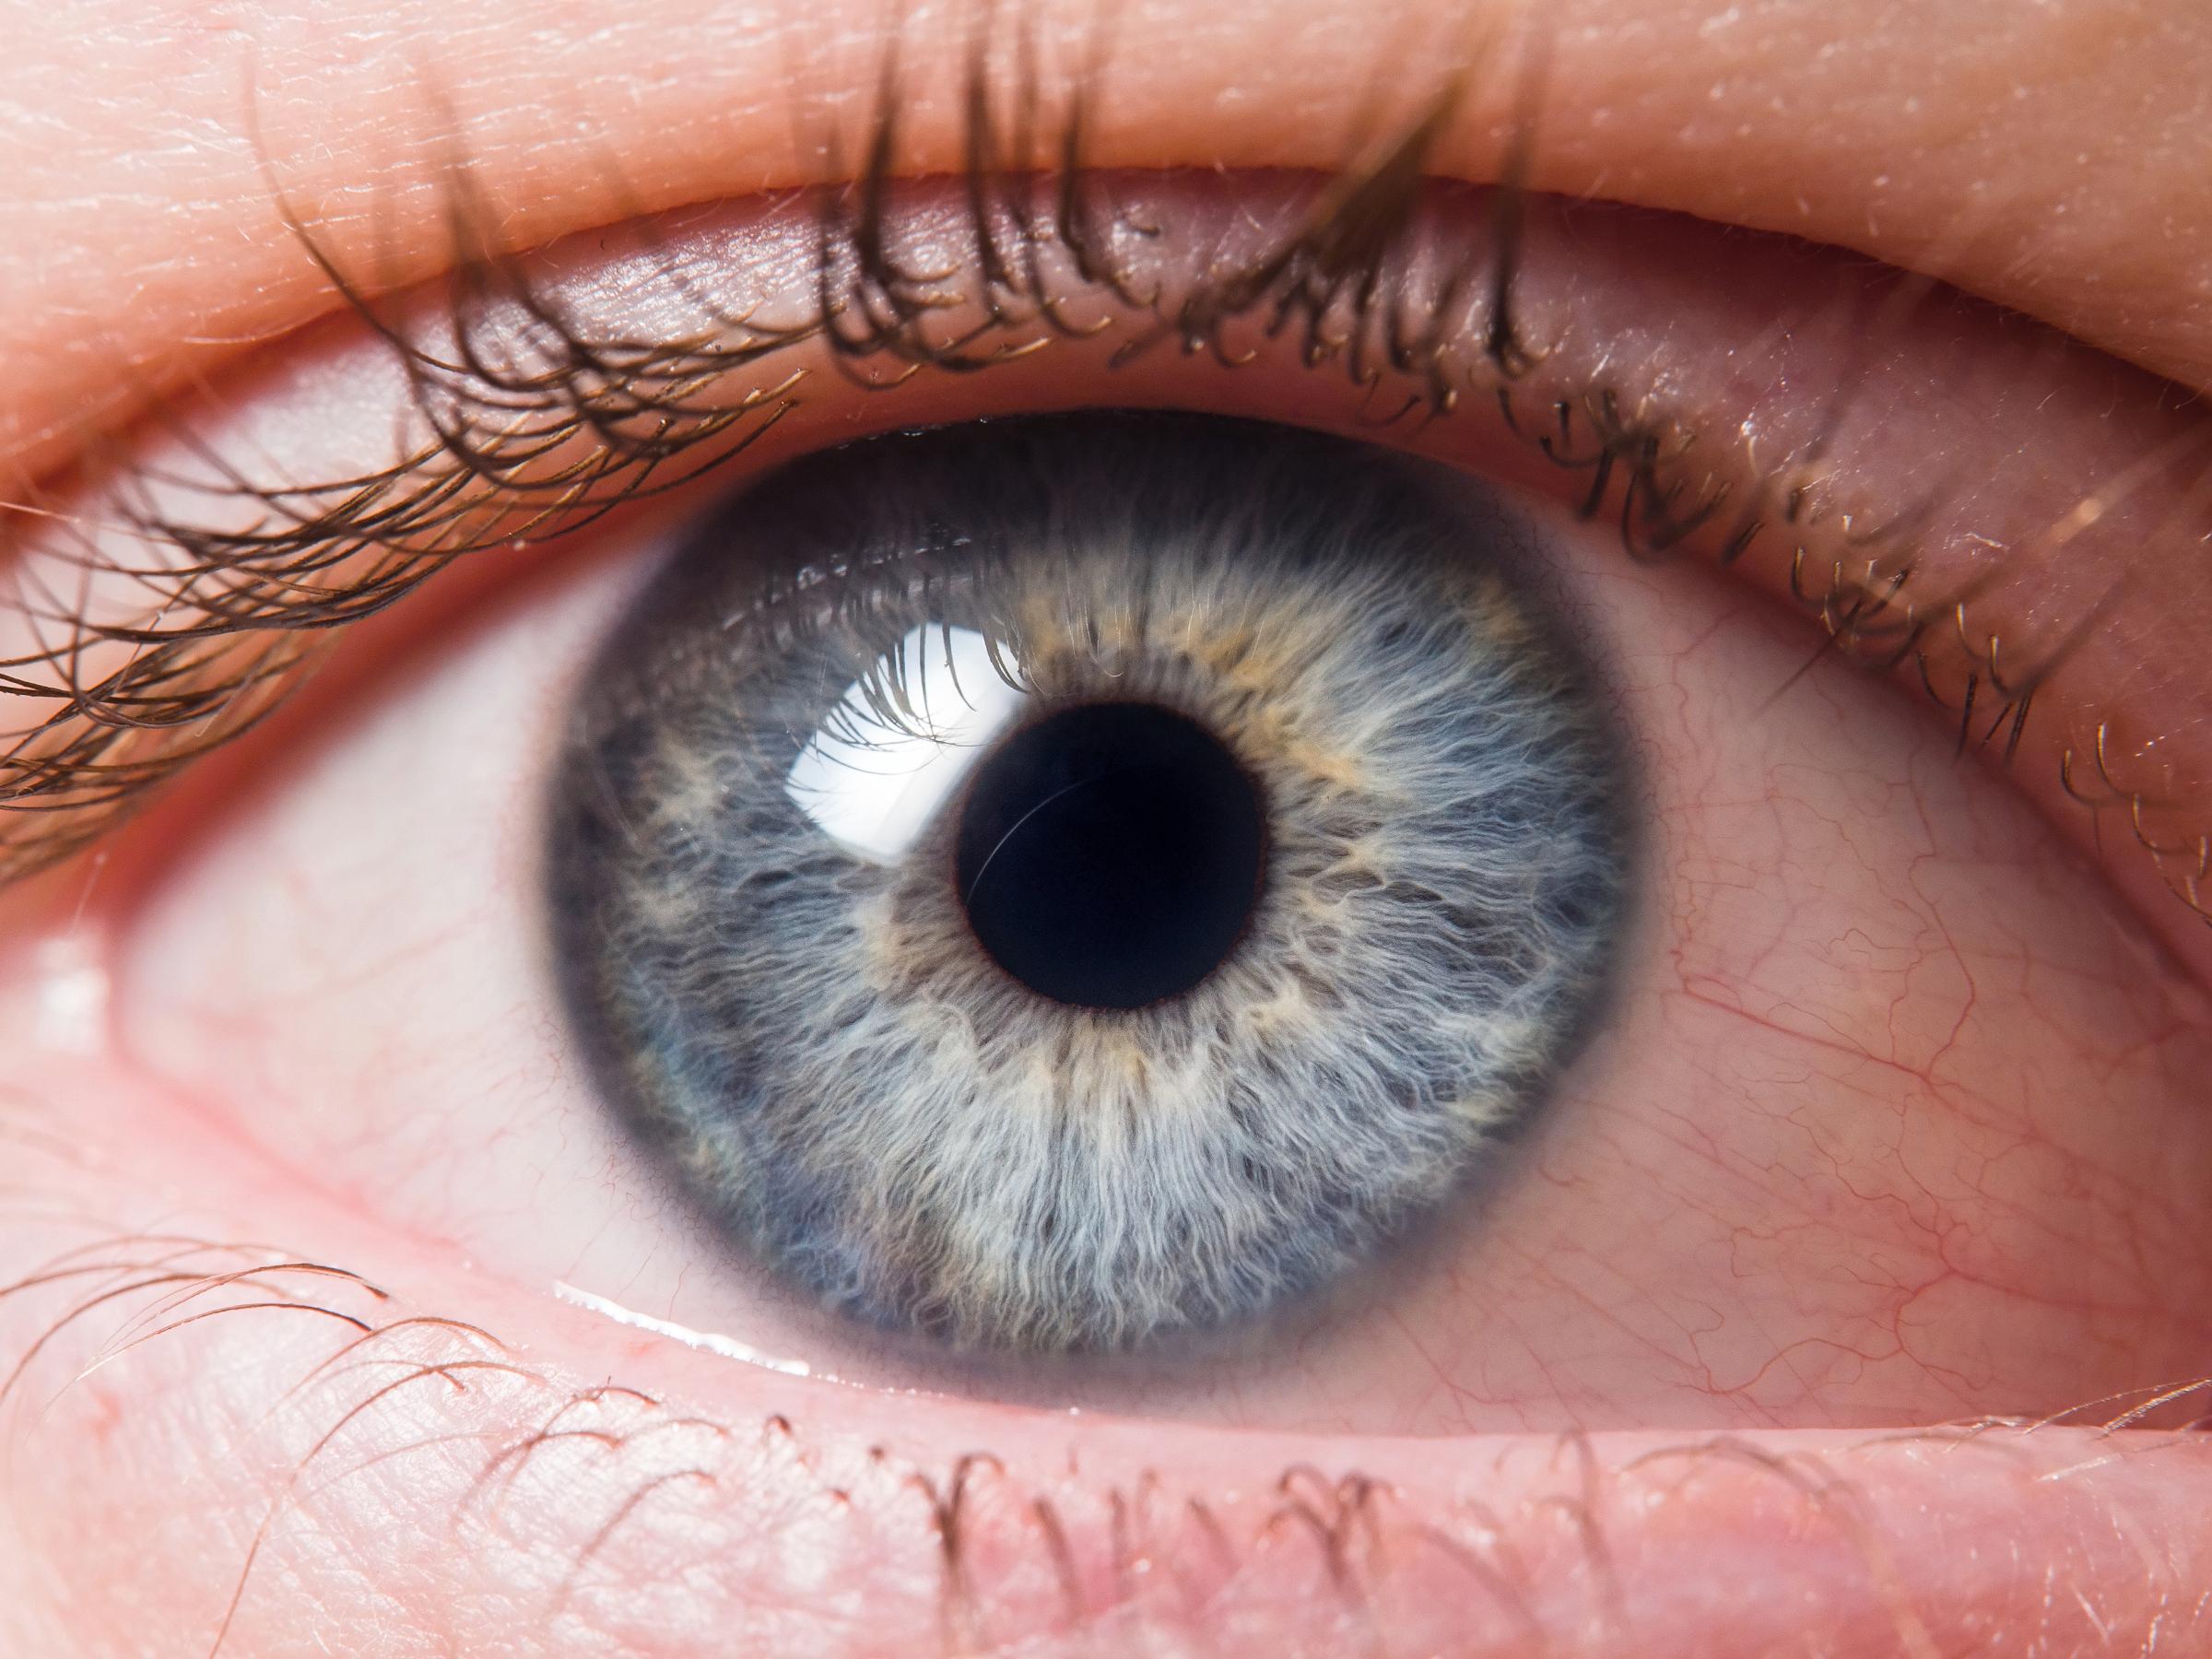 Ögonrosacea kan leda till en rad symtom i ögonen, som t ex röda, torra, irriterade eller grusiga ögon.